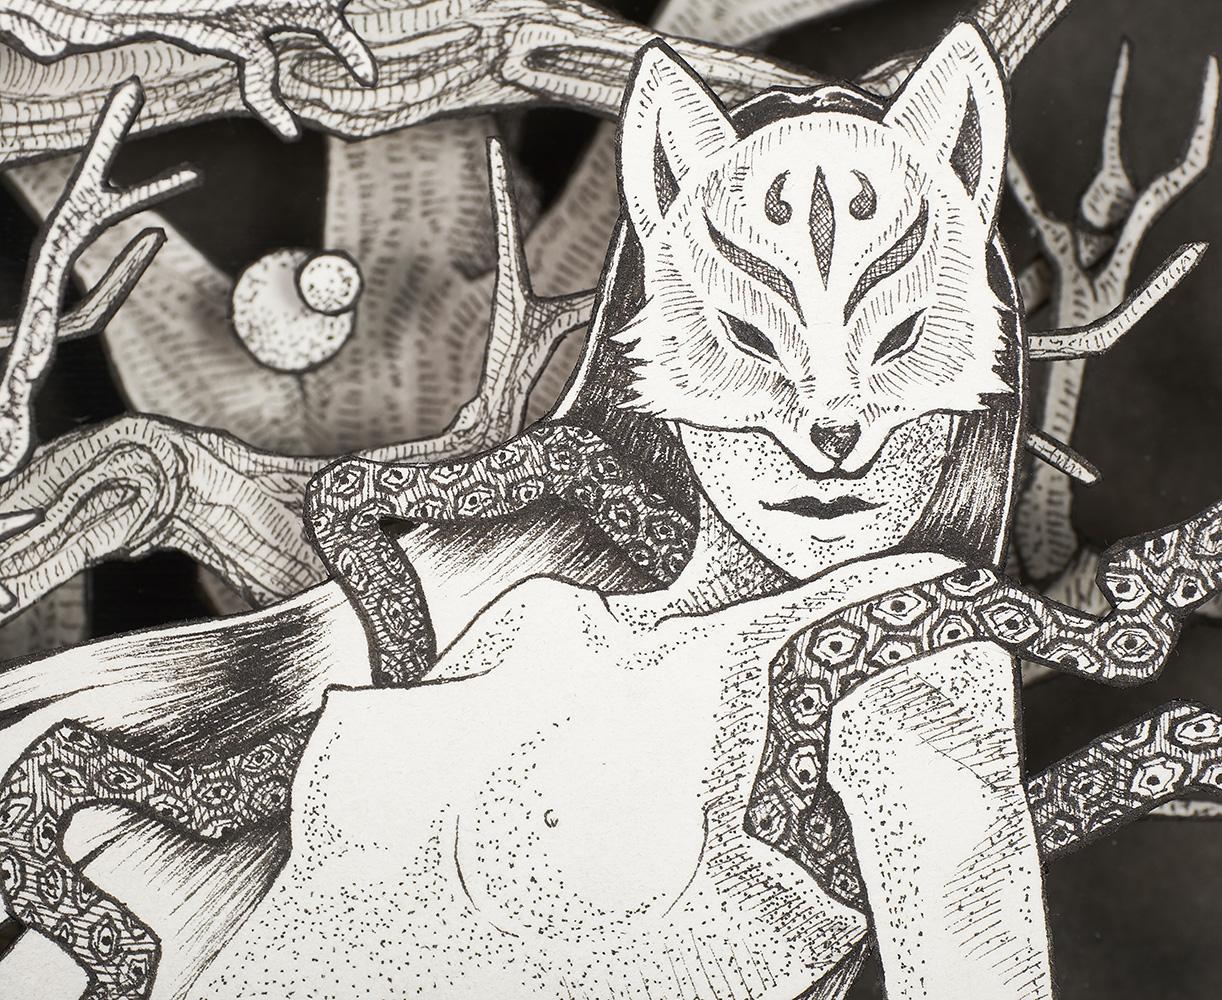 kitsune-kenD.jpg